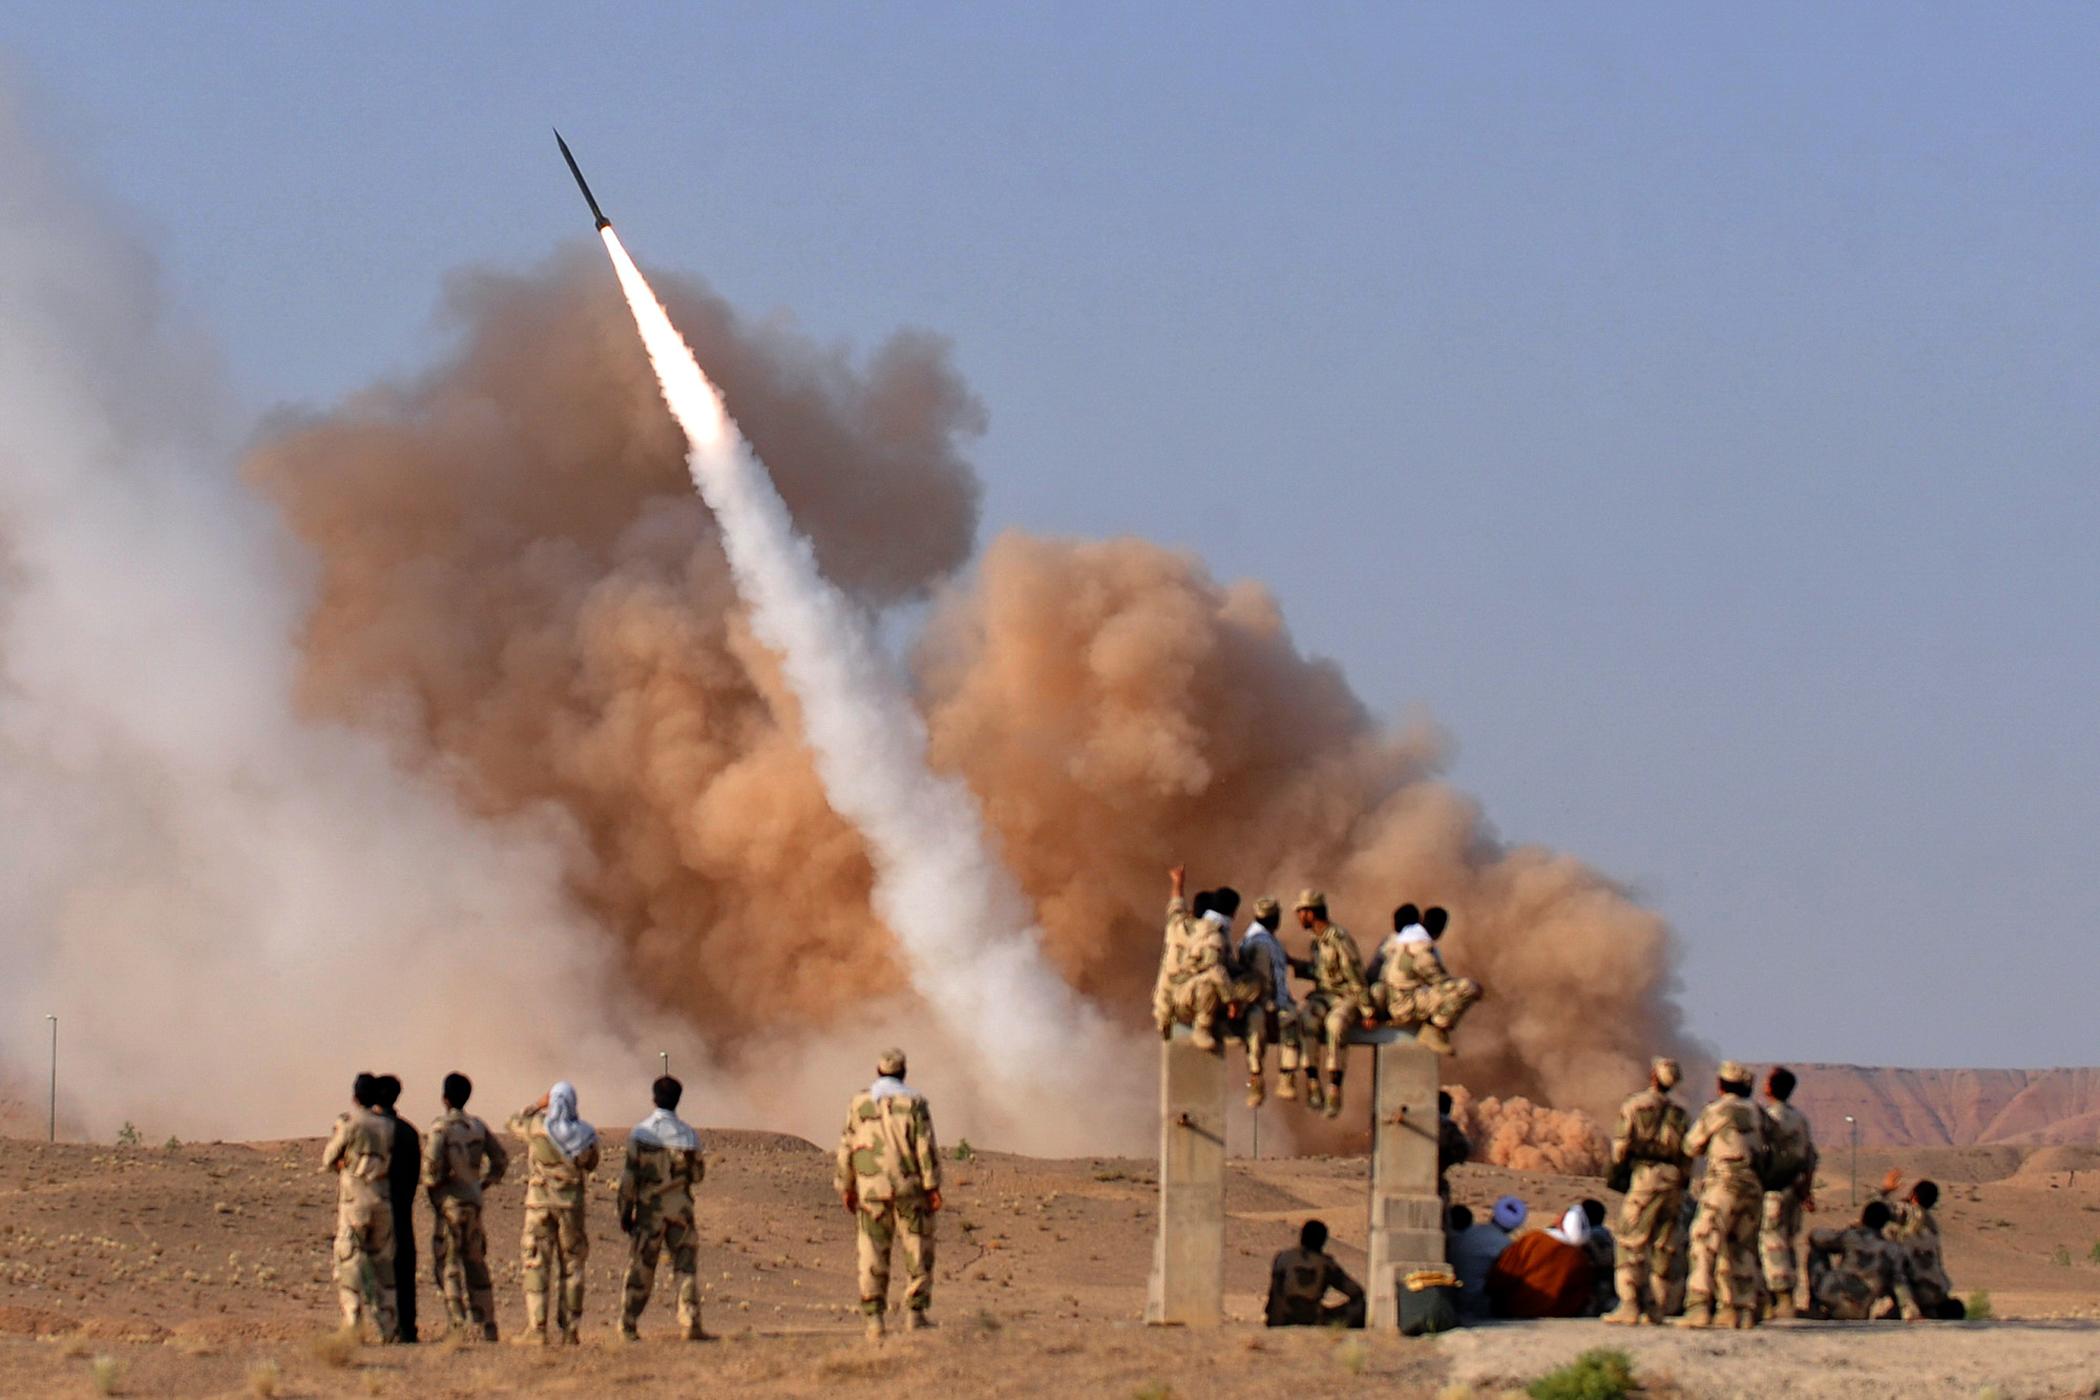 Az amerikaiak szerint a Hezbollah Európa-szerte robbanószereket és fegyvereket halmozott fel